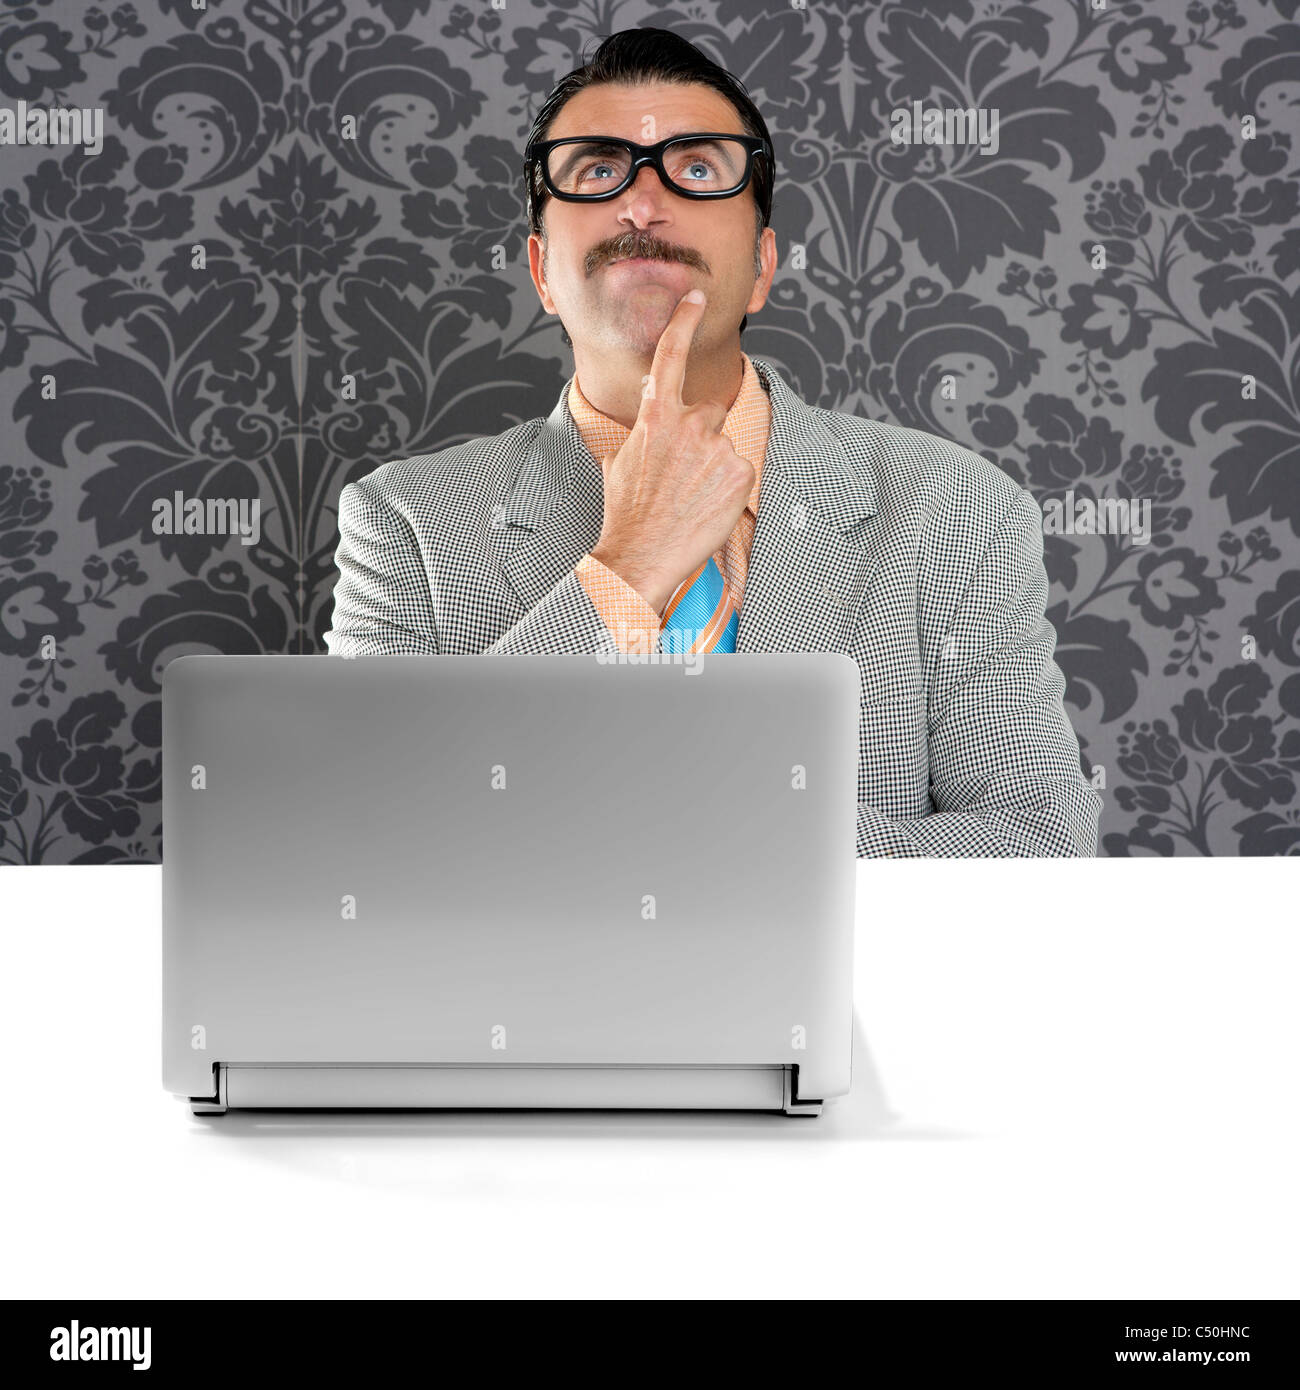 Silly nerd genius ordinateur lunettes geste pensée problème solution papier  peint fond a9914f77bd4a